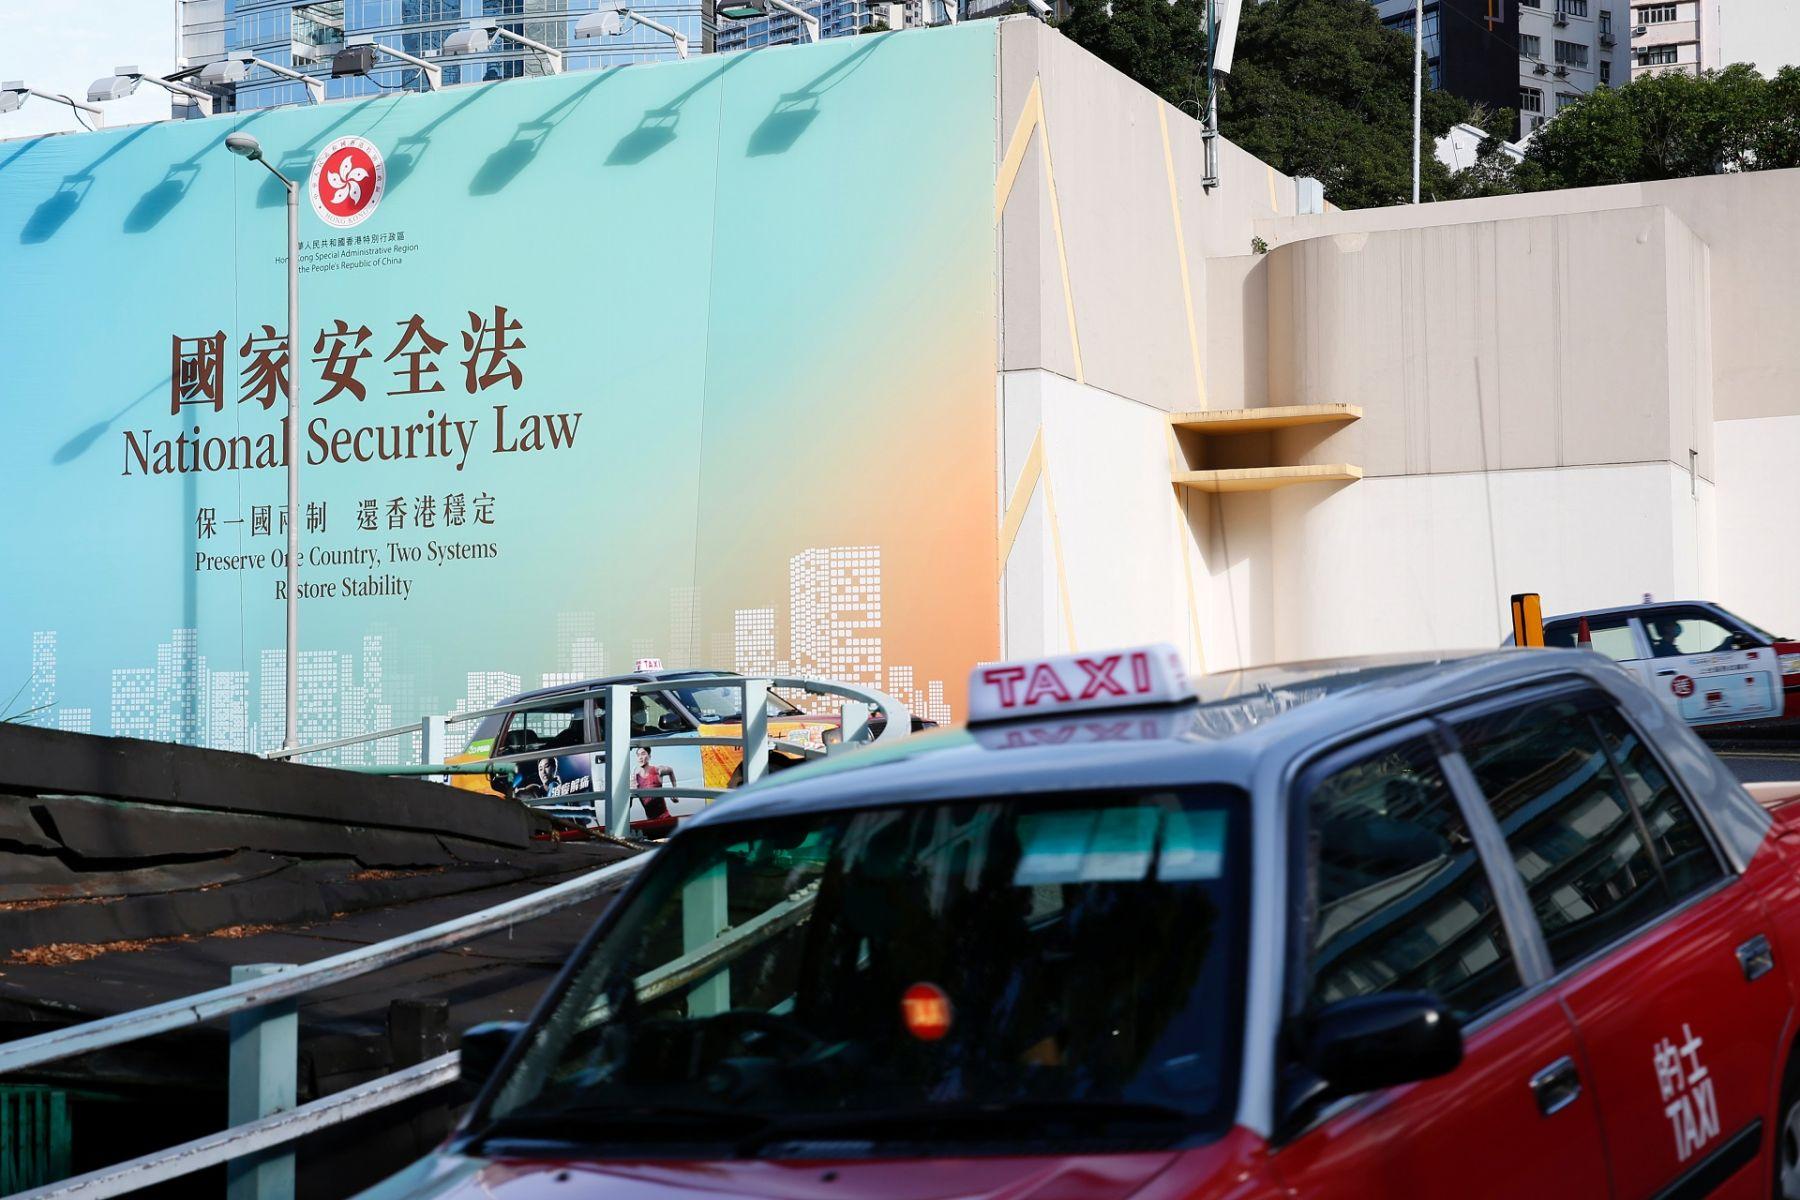 就算只是轉機過境香港,主張台獨也可能被抓?為何台灣人一定要關心「港版國安法」